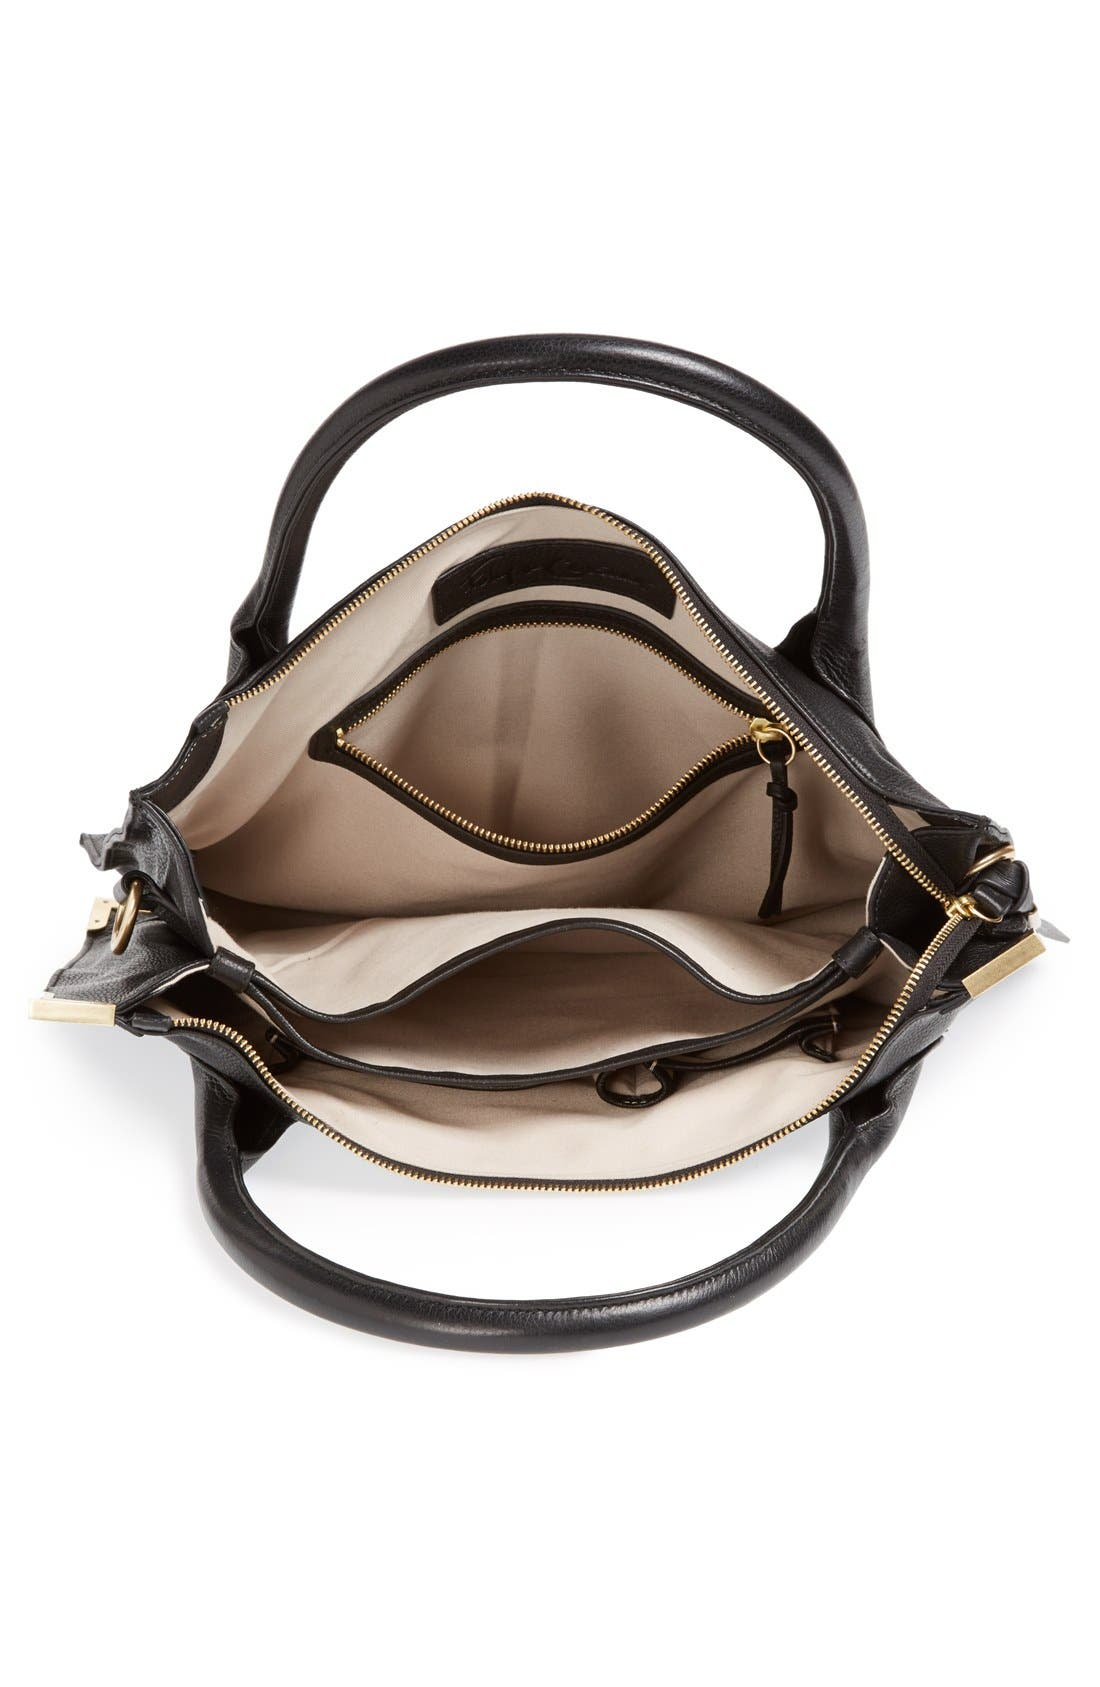 Alternate Image 3  - Foley & Corinna 'Framed' Leather Satchel